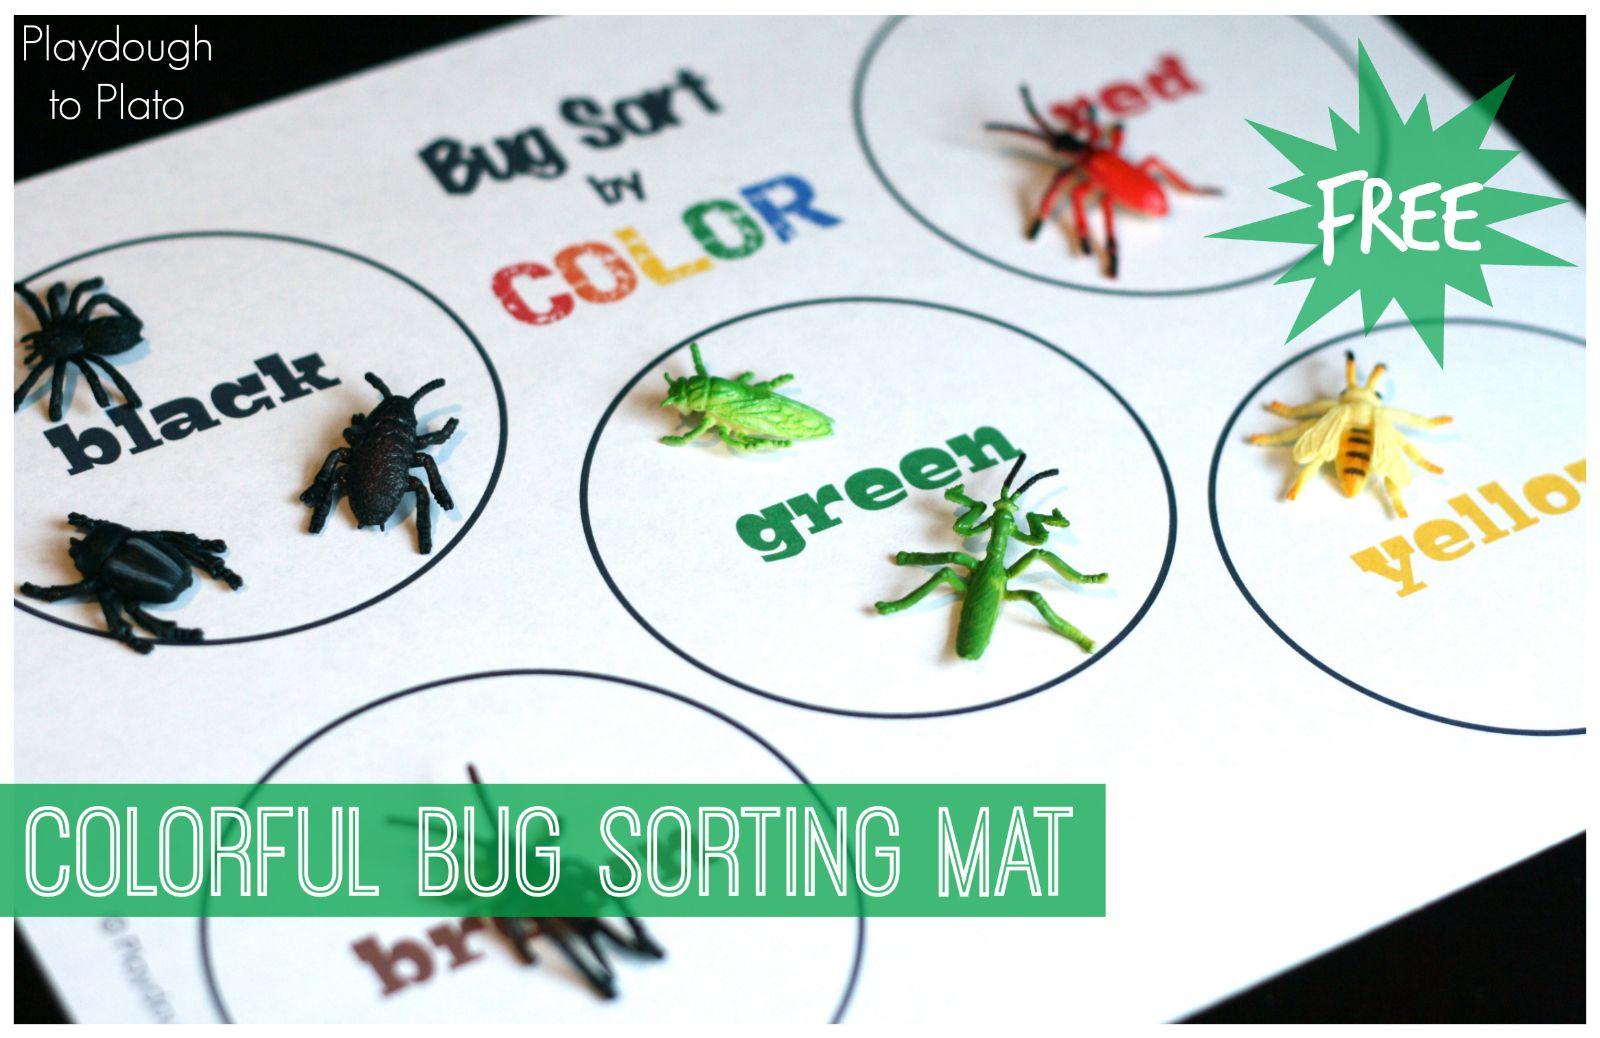 Colorful Bug Sorting Mat